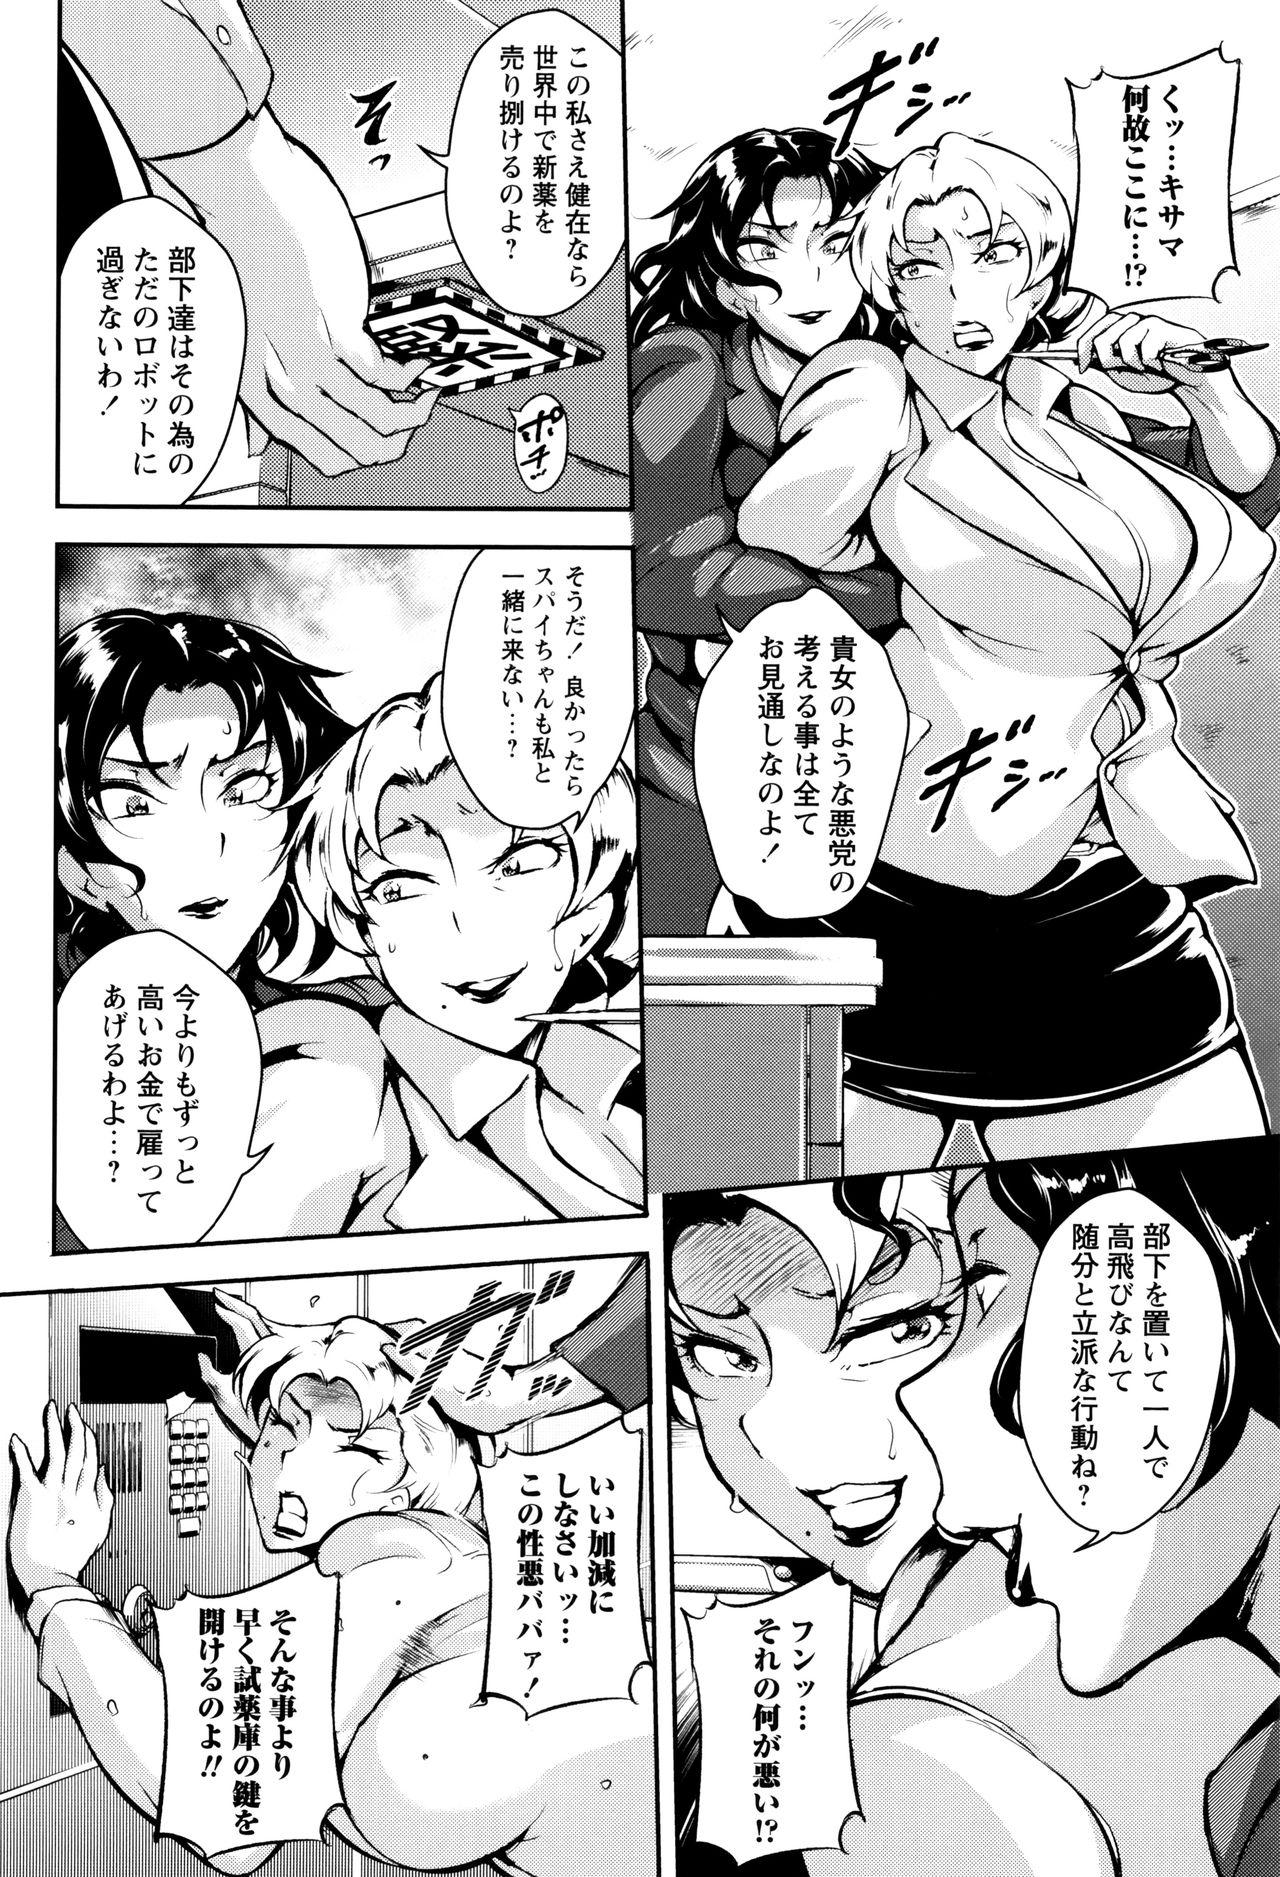 Ero BBA ♥ Dosukebe Ha Sengen 33